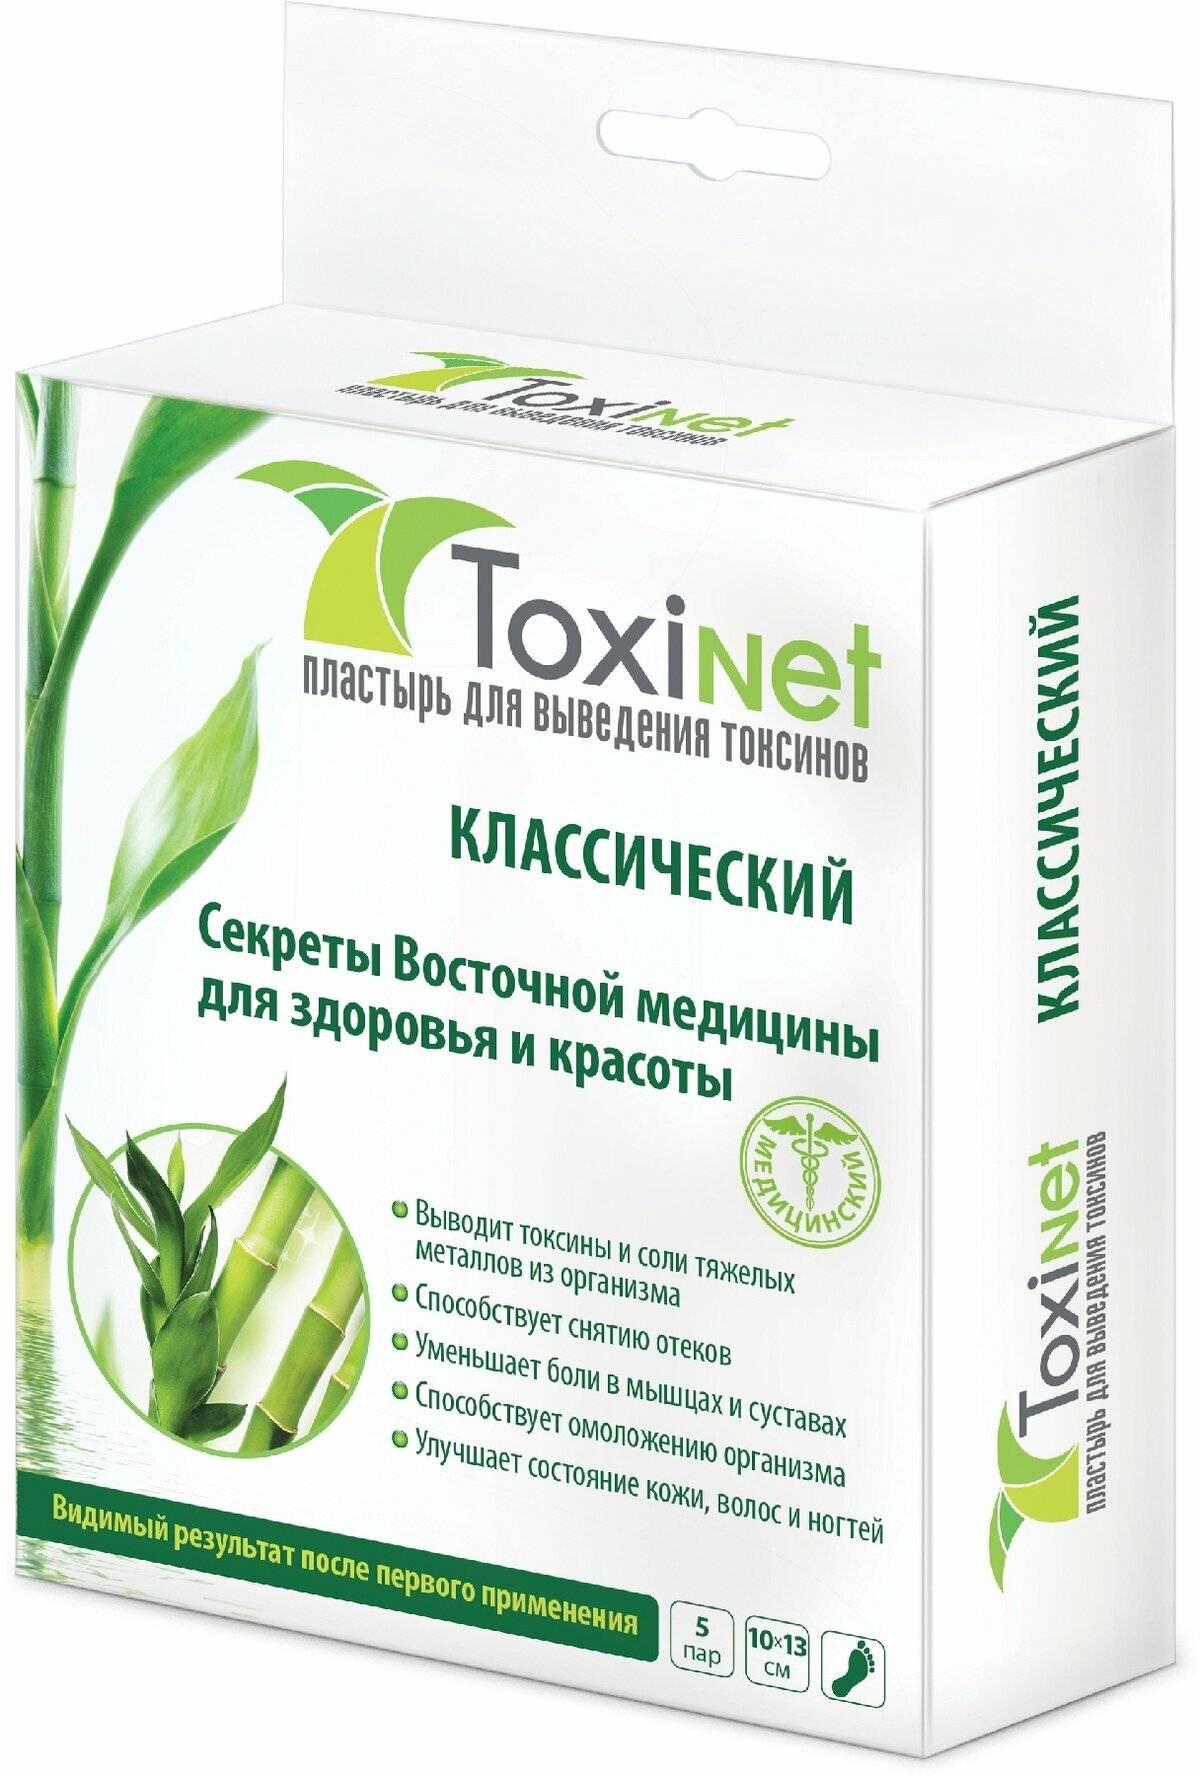 Очищение кишечника от токсинов: средства, способы, методы чистки